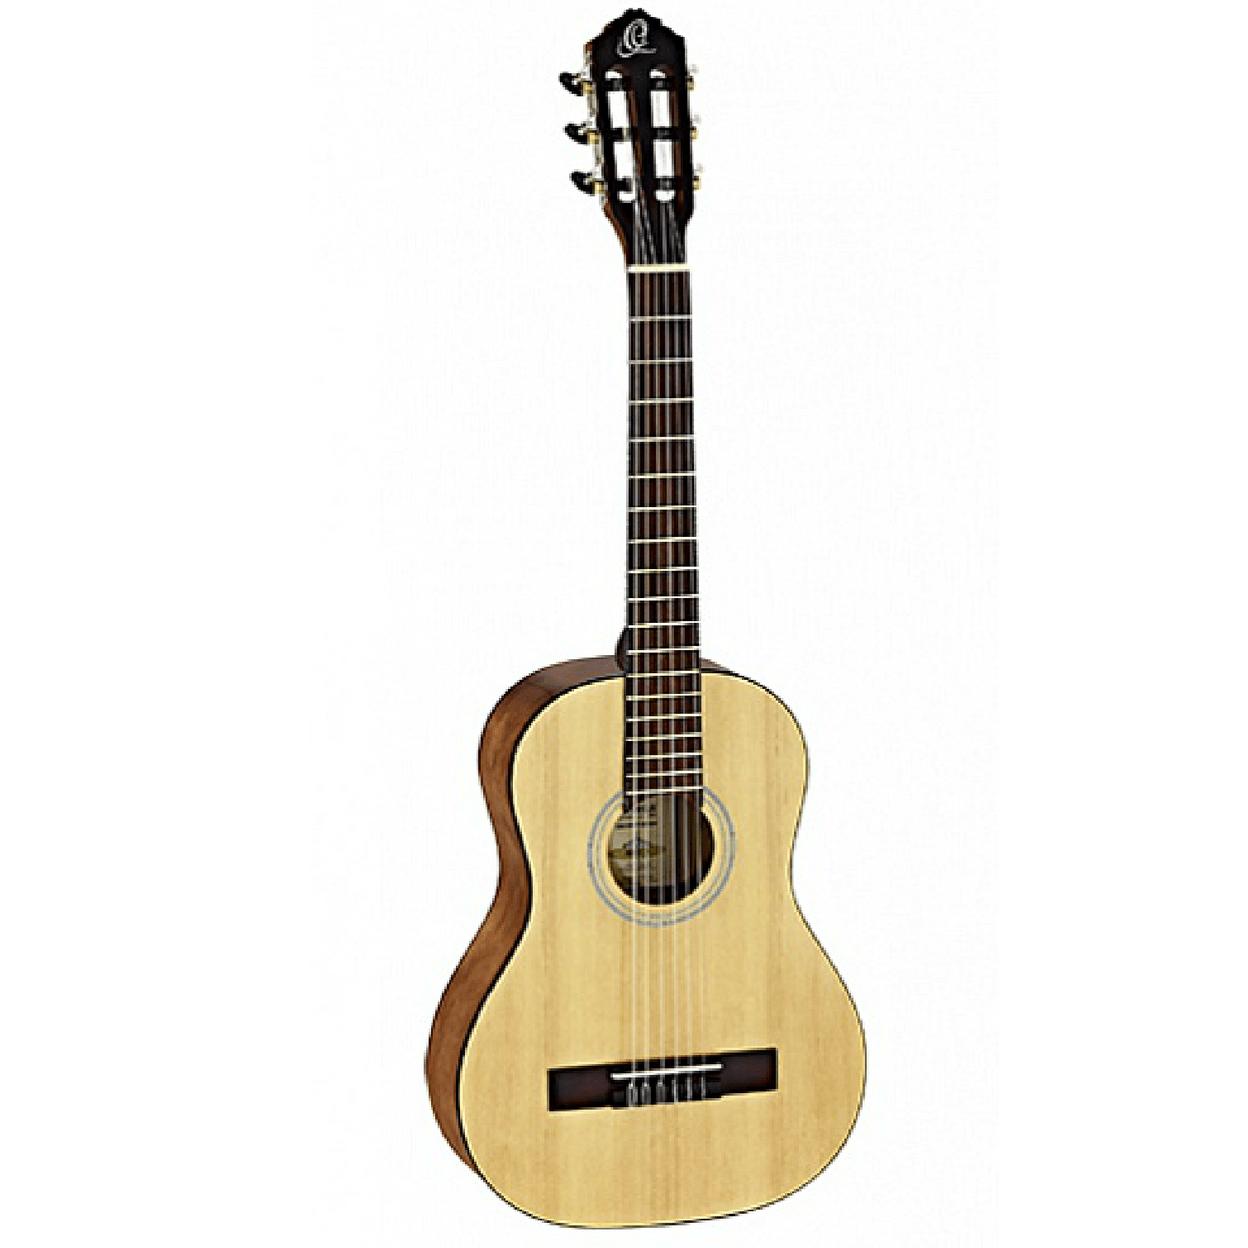 Купить Ortega RST5-1/2 Student Series Классическая гитара 1/2